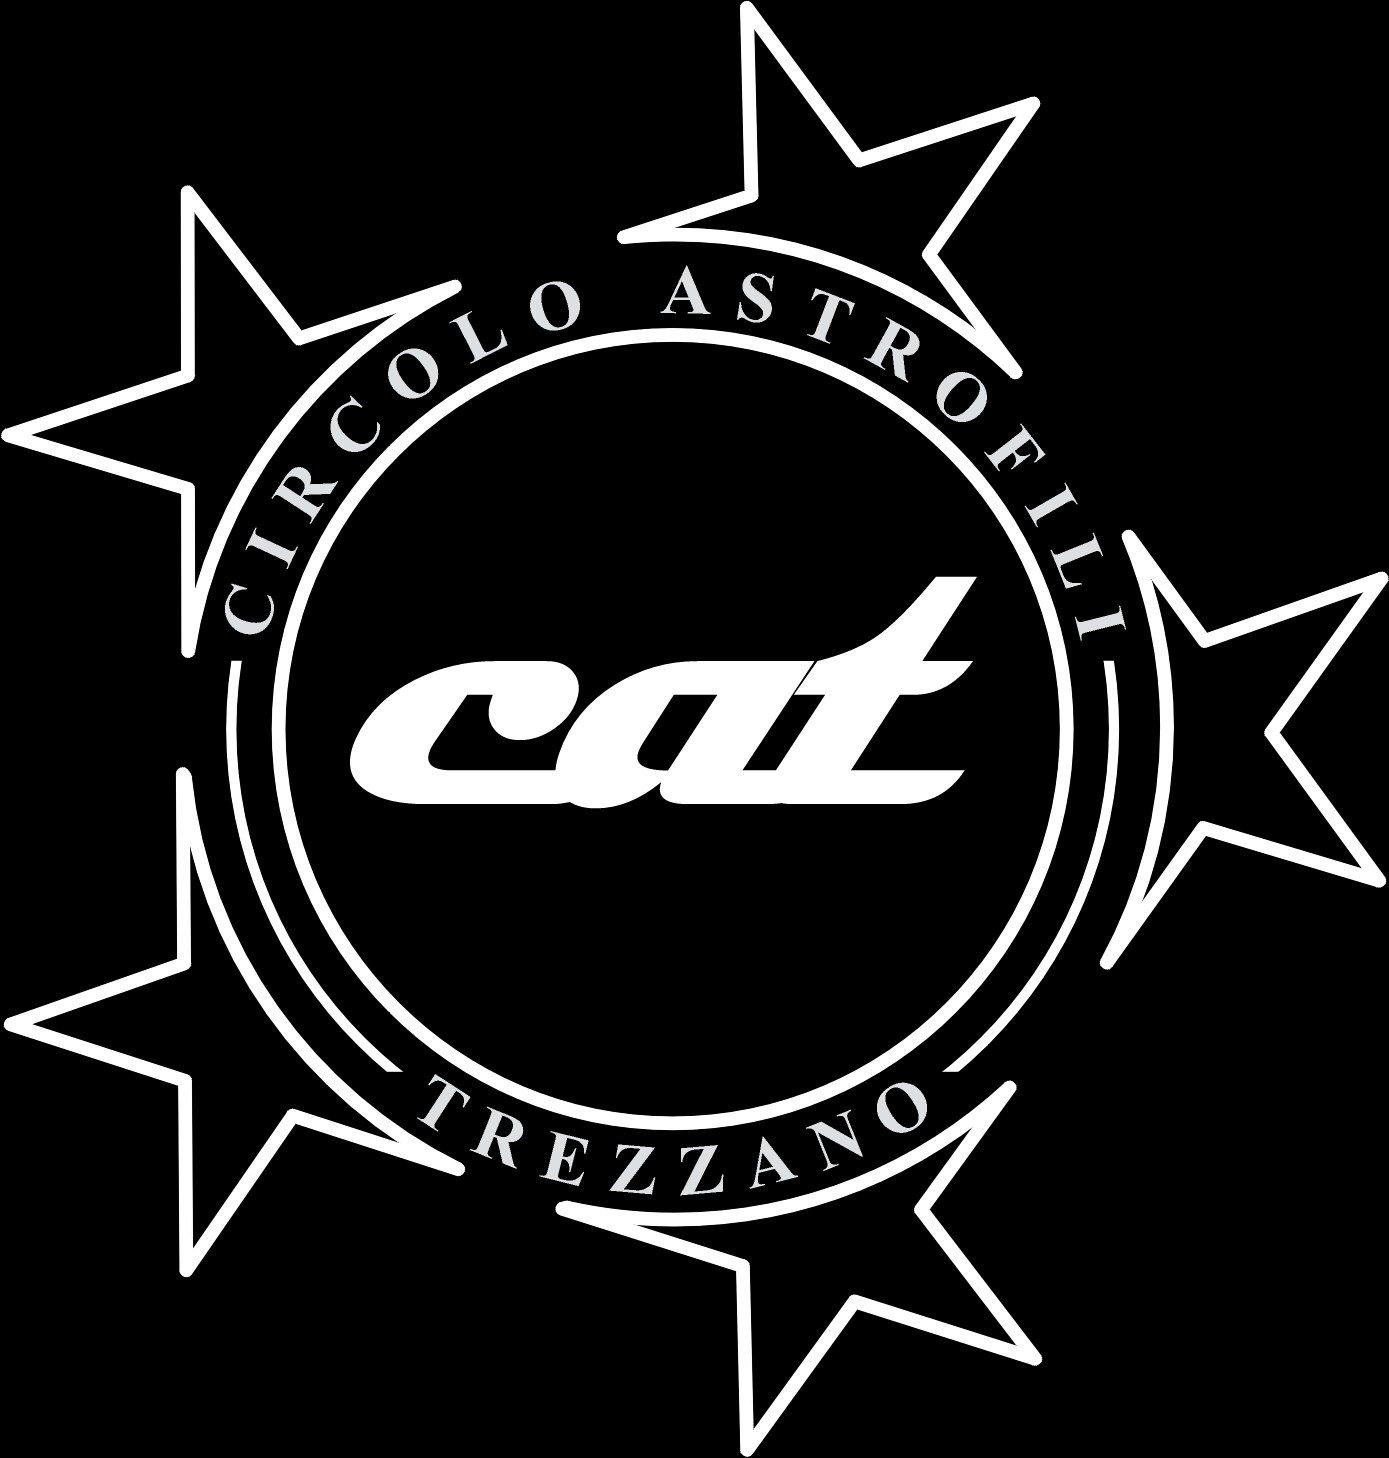 Astronomia, il Circolo Astrofili Trezzano ti insegna a fotografare le stelle!